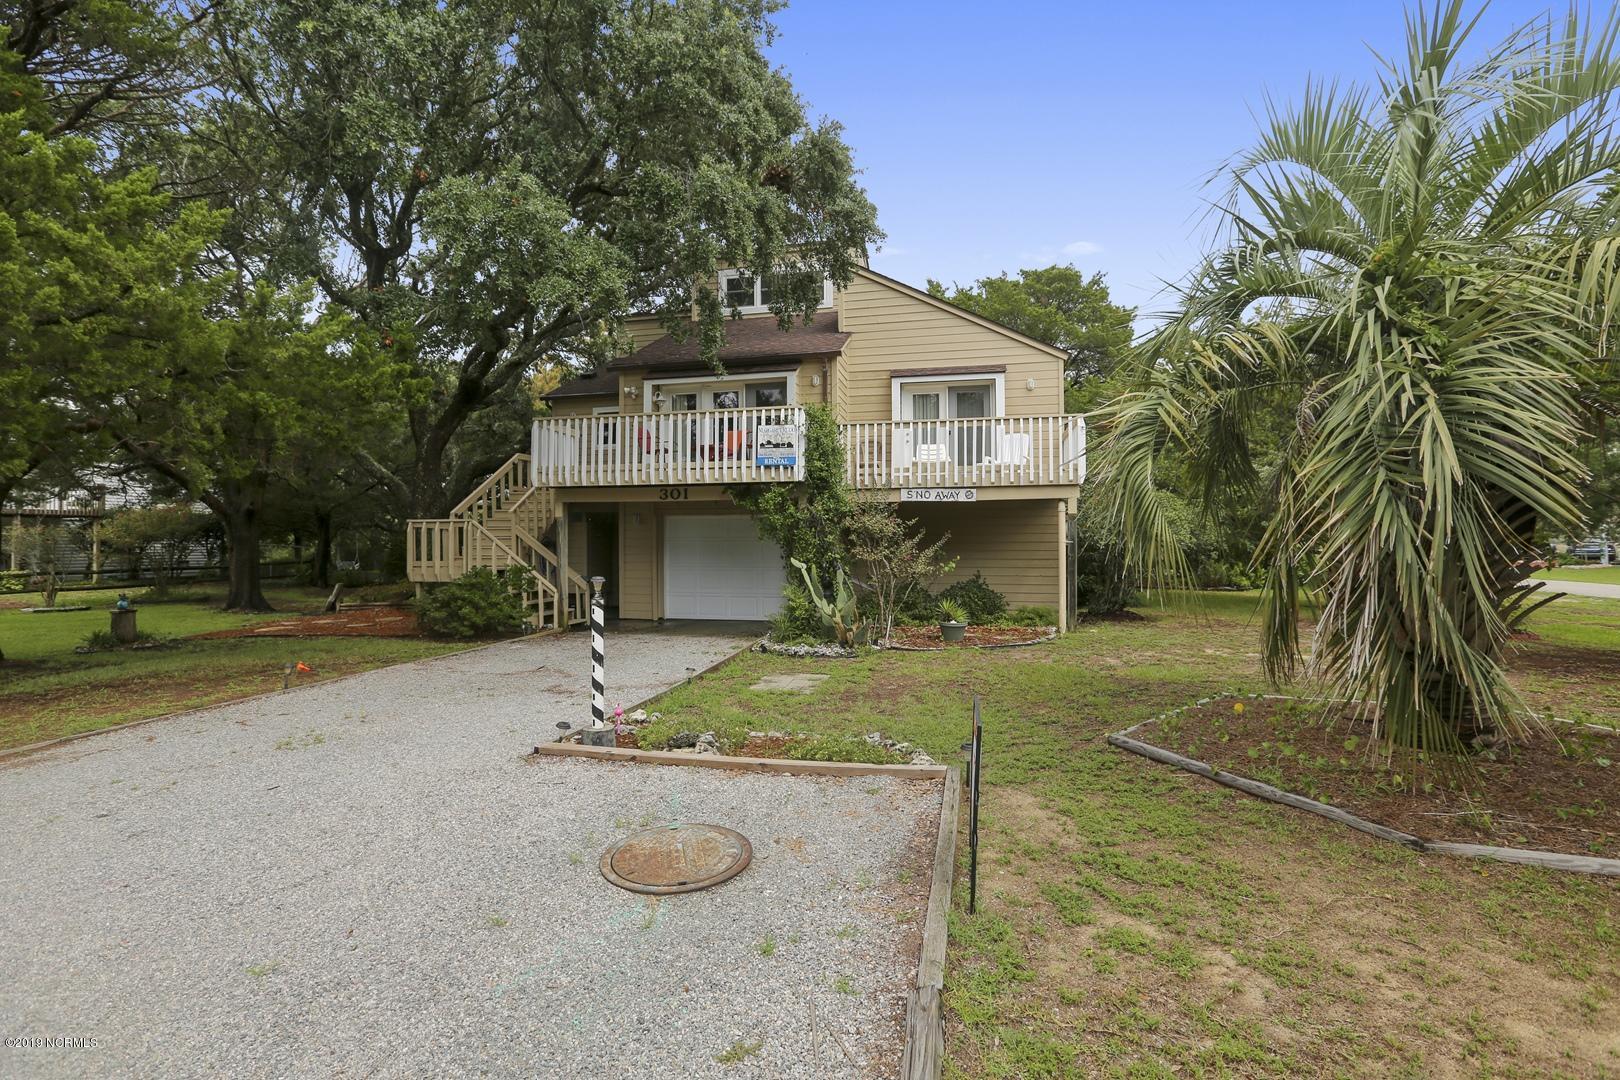 Oak Island Homes - Art Skipper Realty, Inc